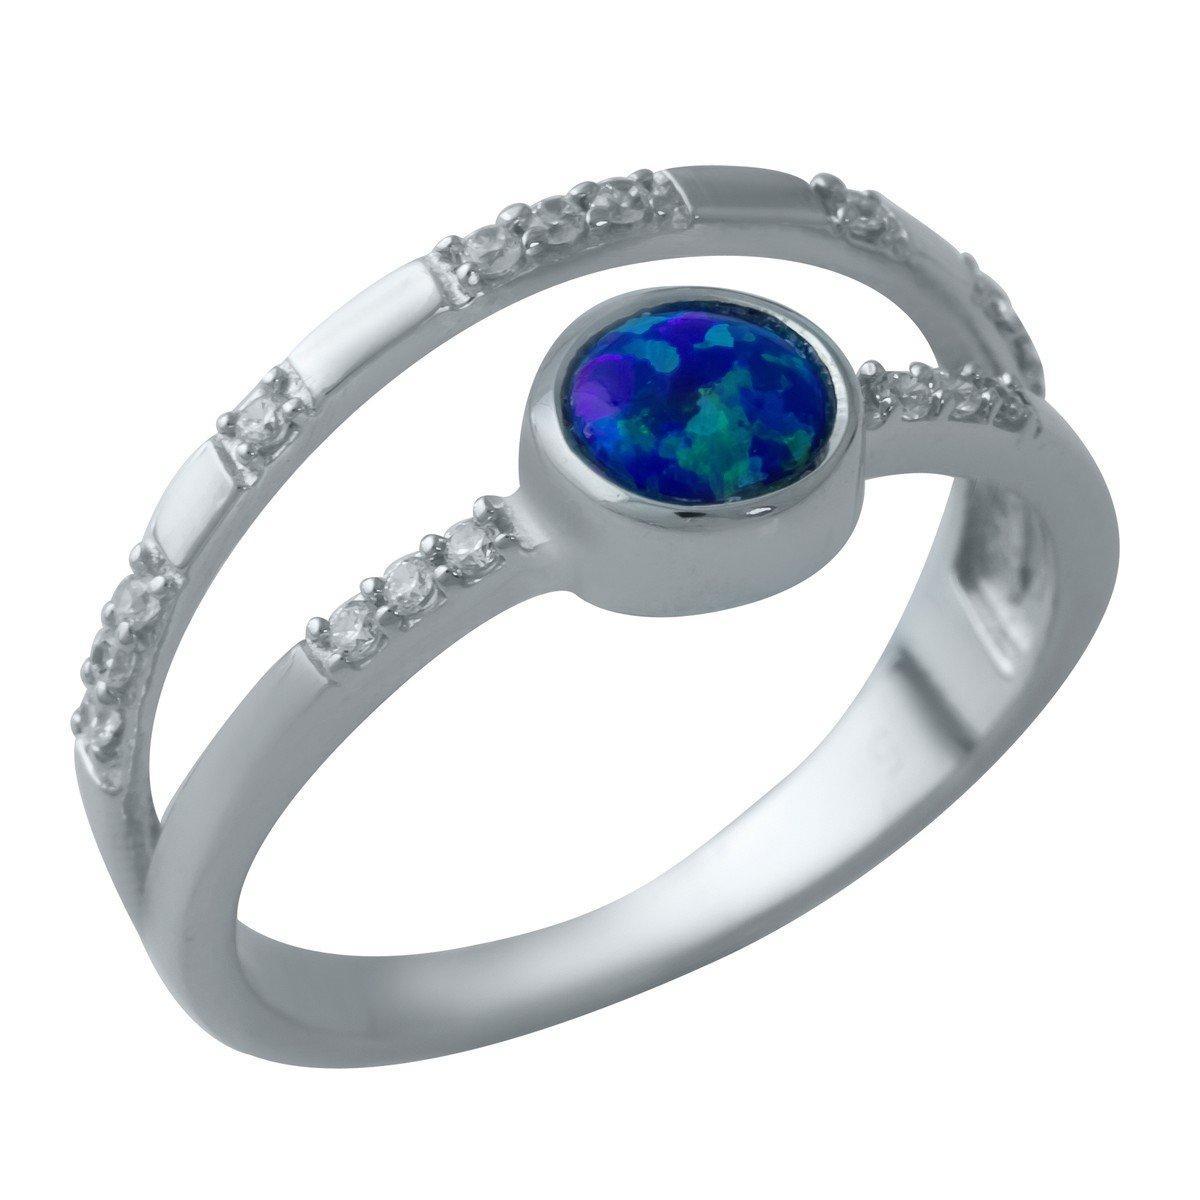 Серебряное кольцо DreamJewelry с опалом 0.52ct (1932599) 18 размер